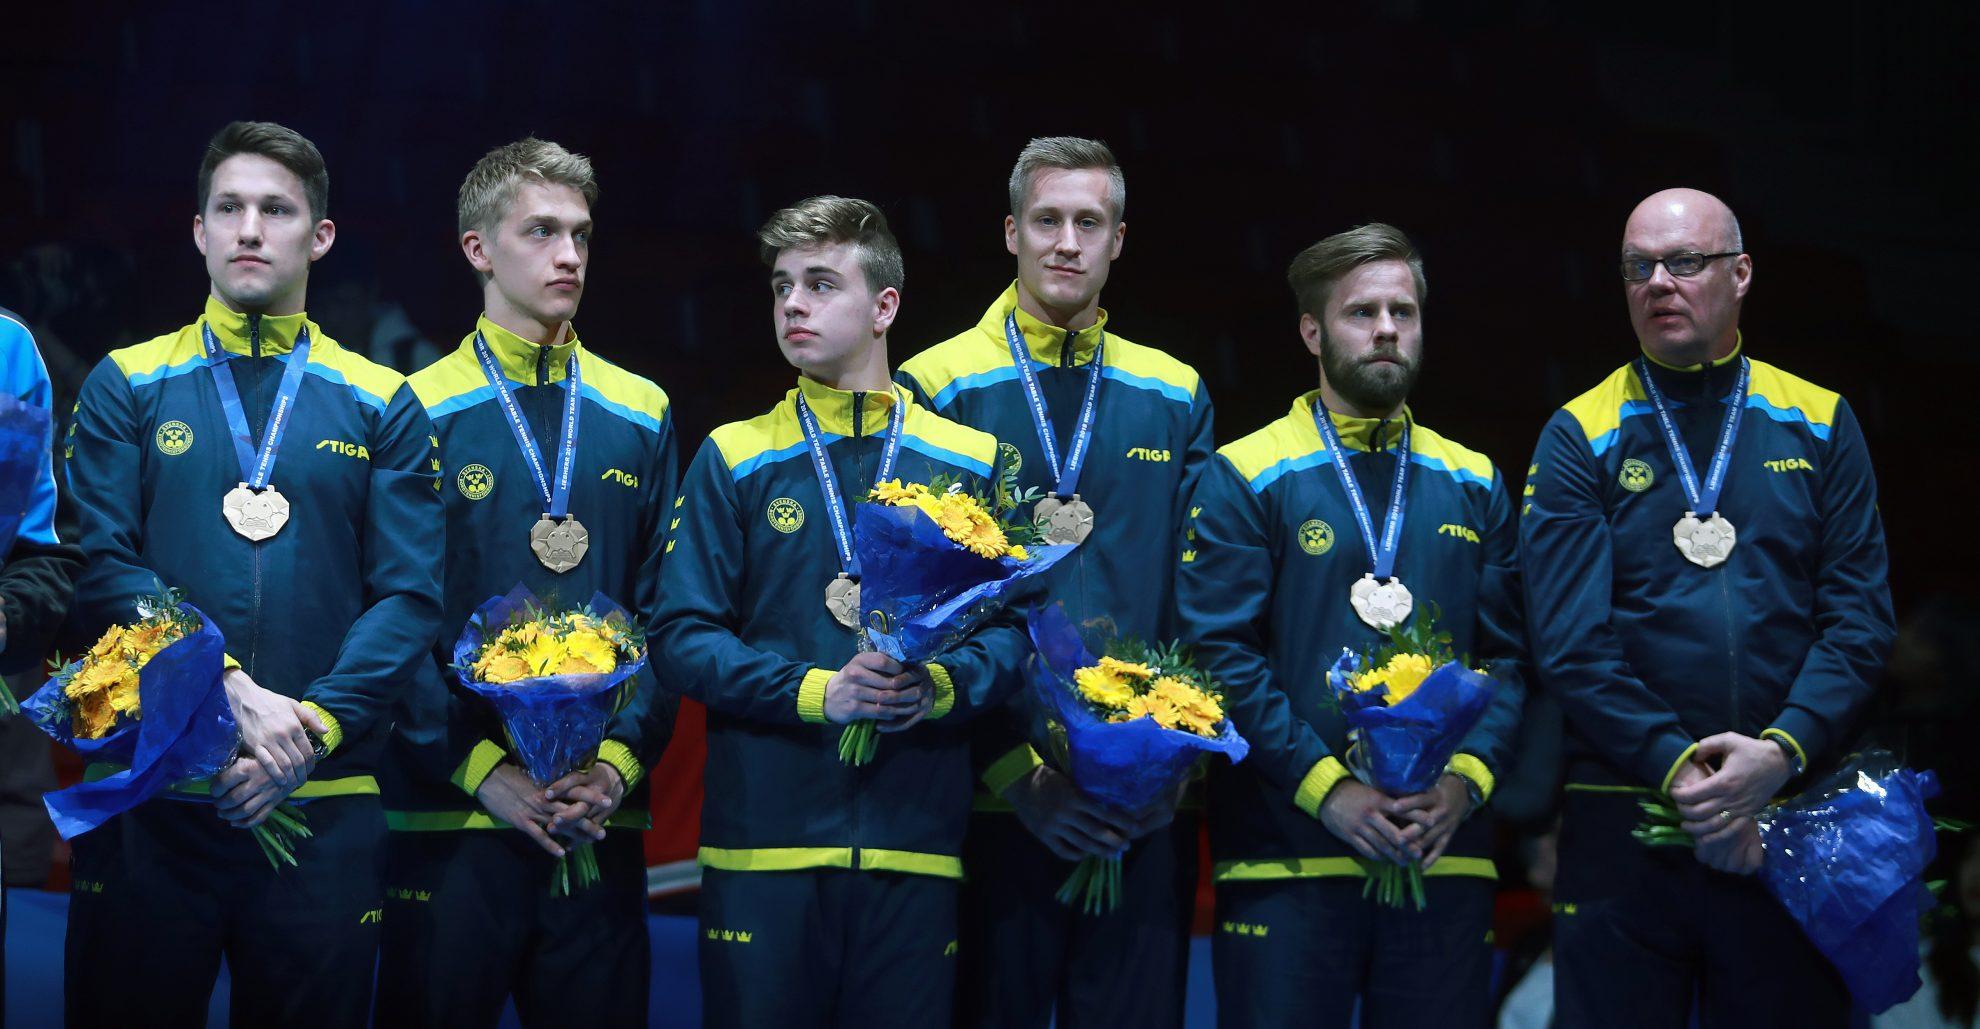 古豪健在 卓球レジェンドを生んだ国・スウェーデン|東京五輪ライバル国特集